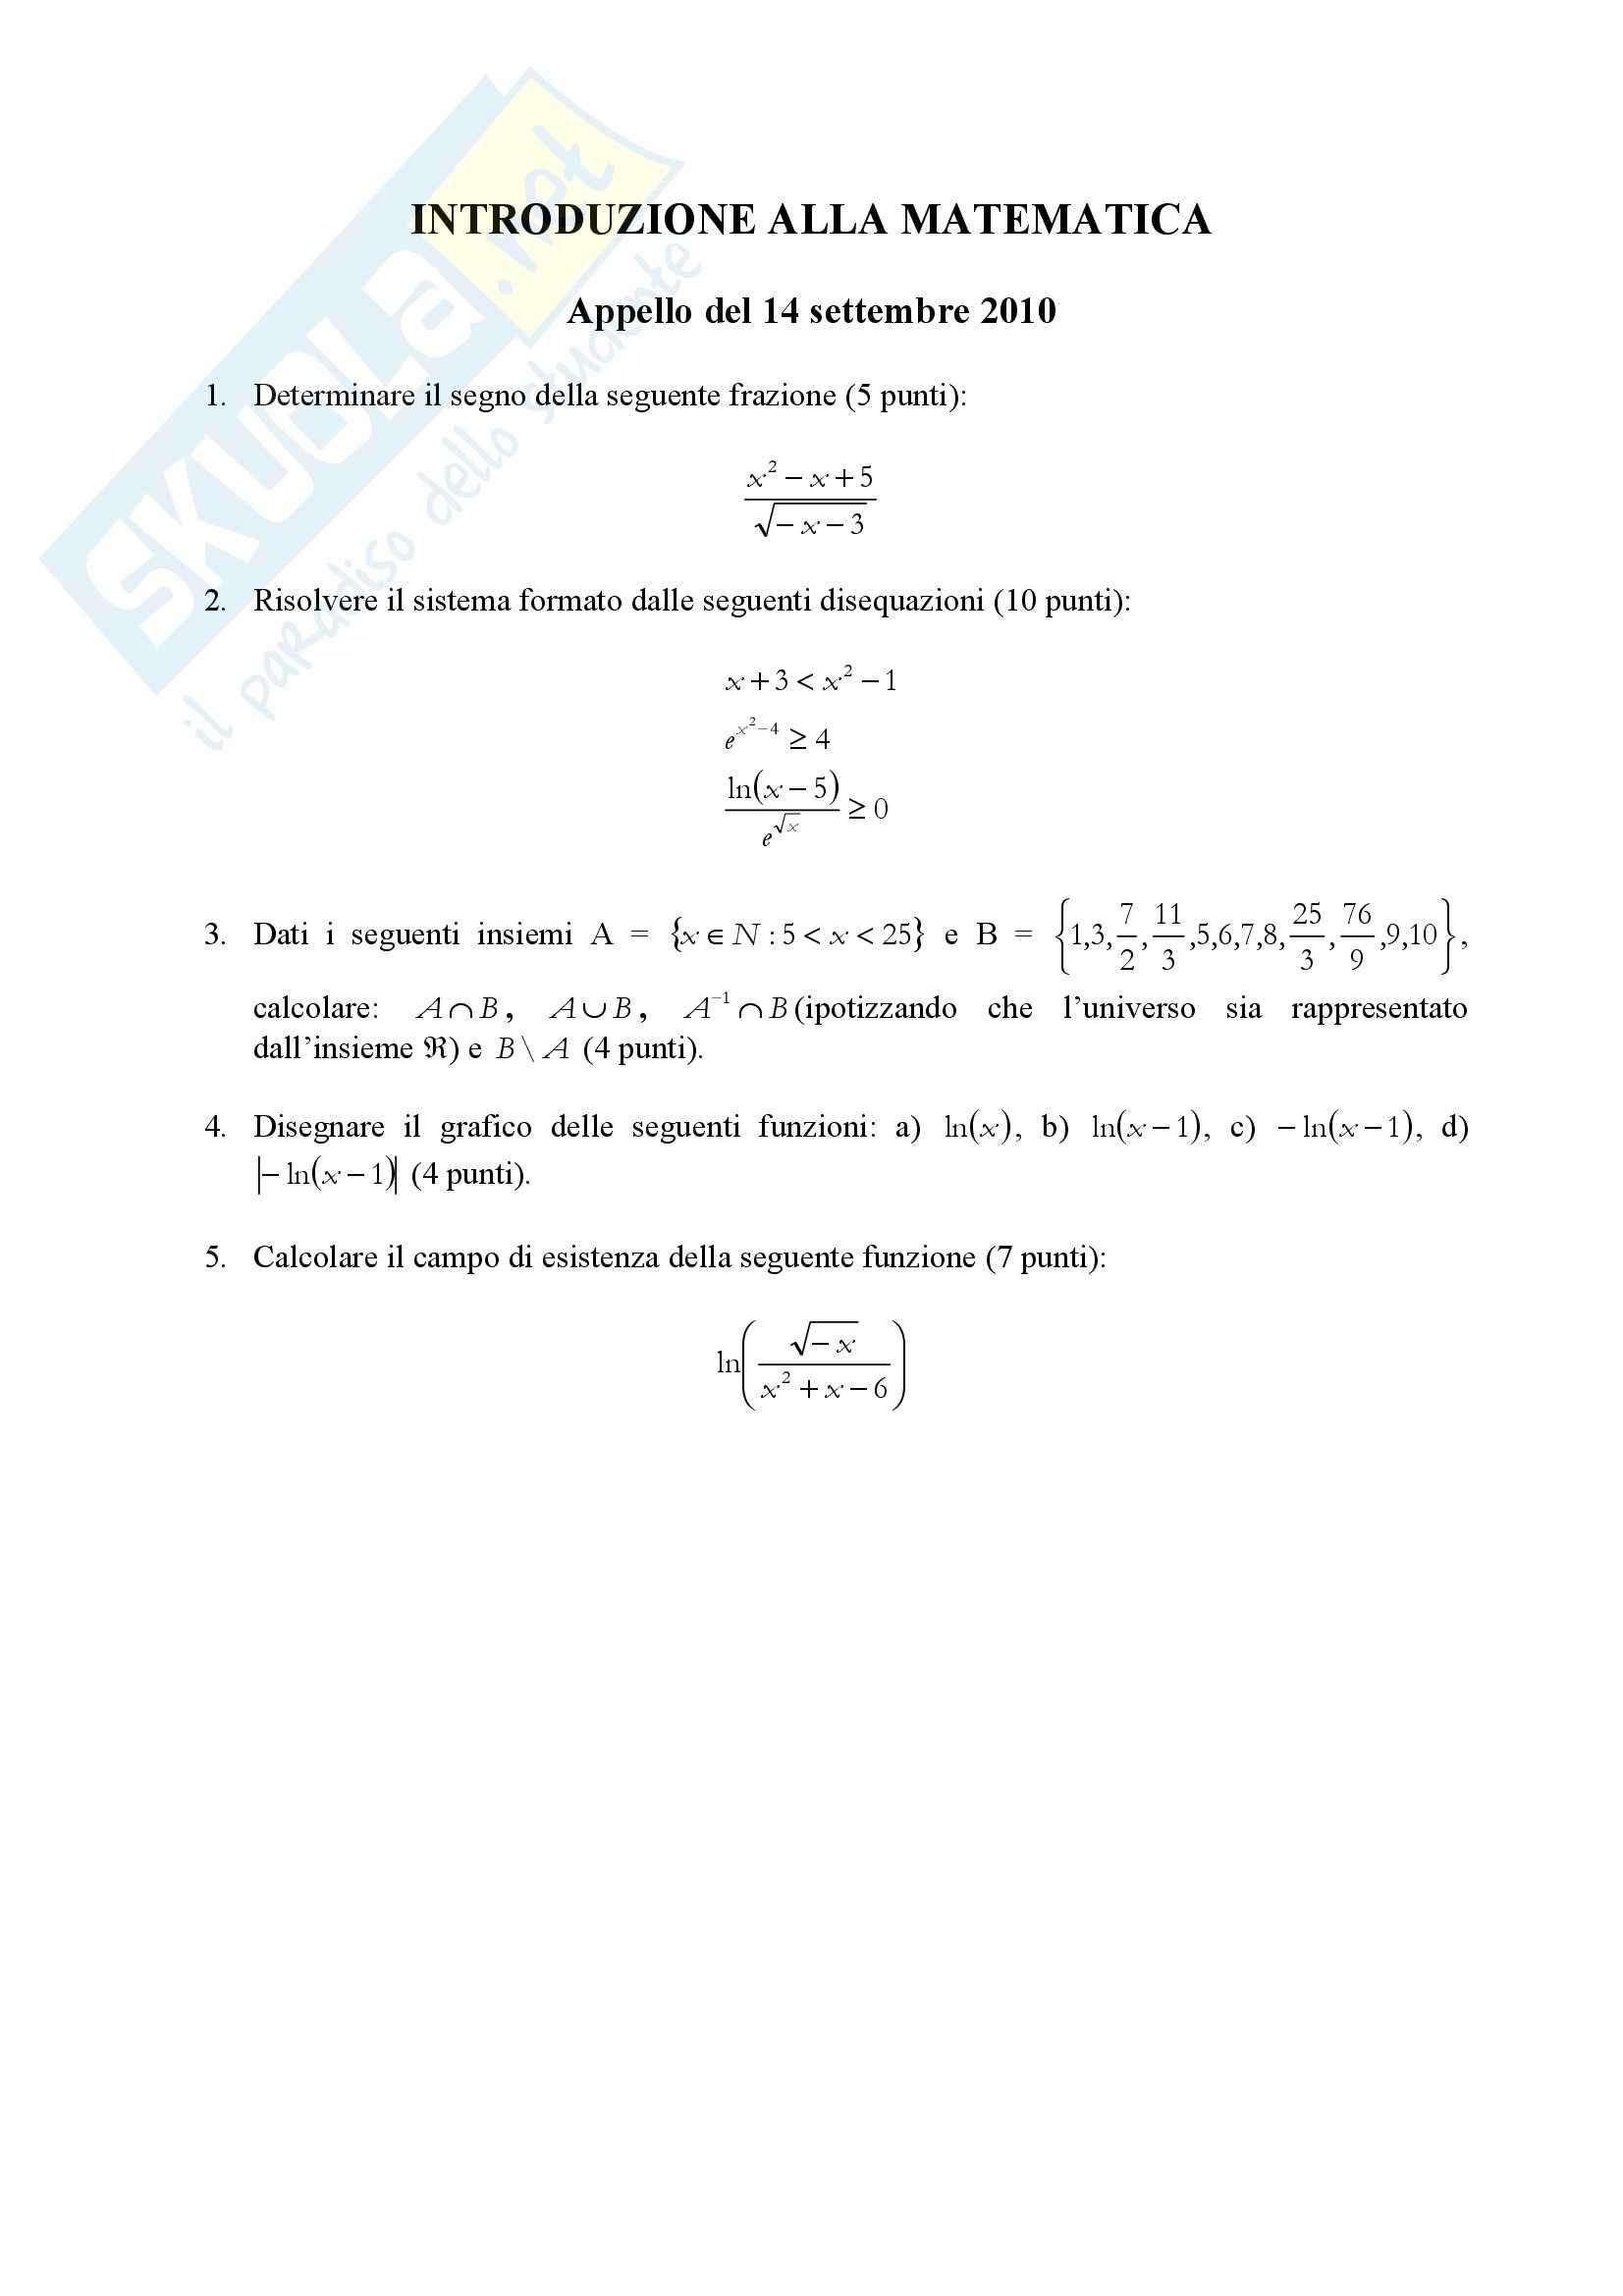 Introduzione alla matematica - Esercitazione